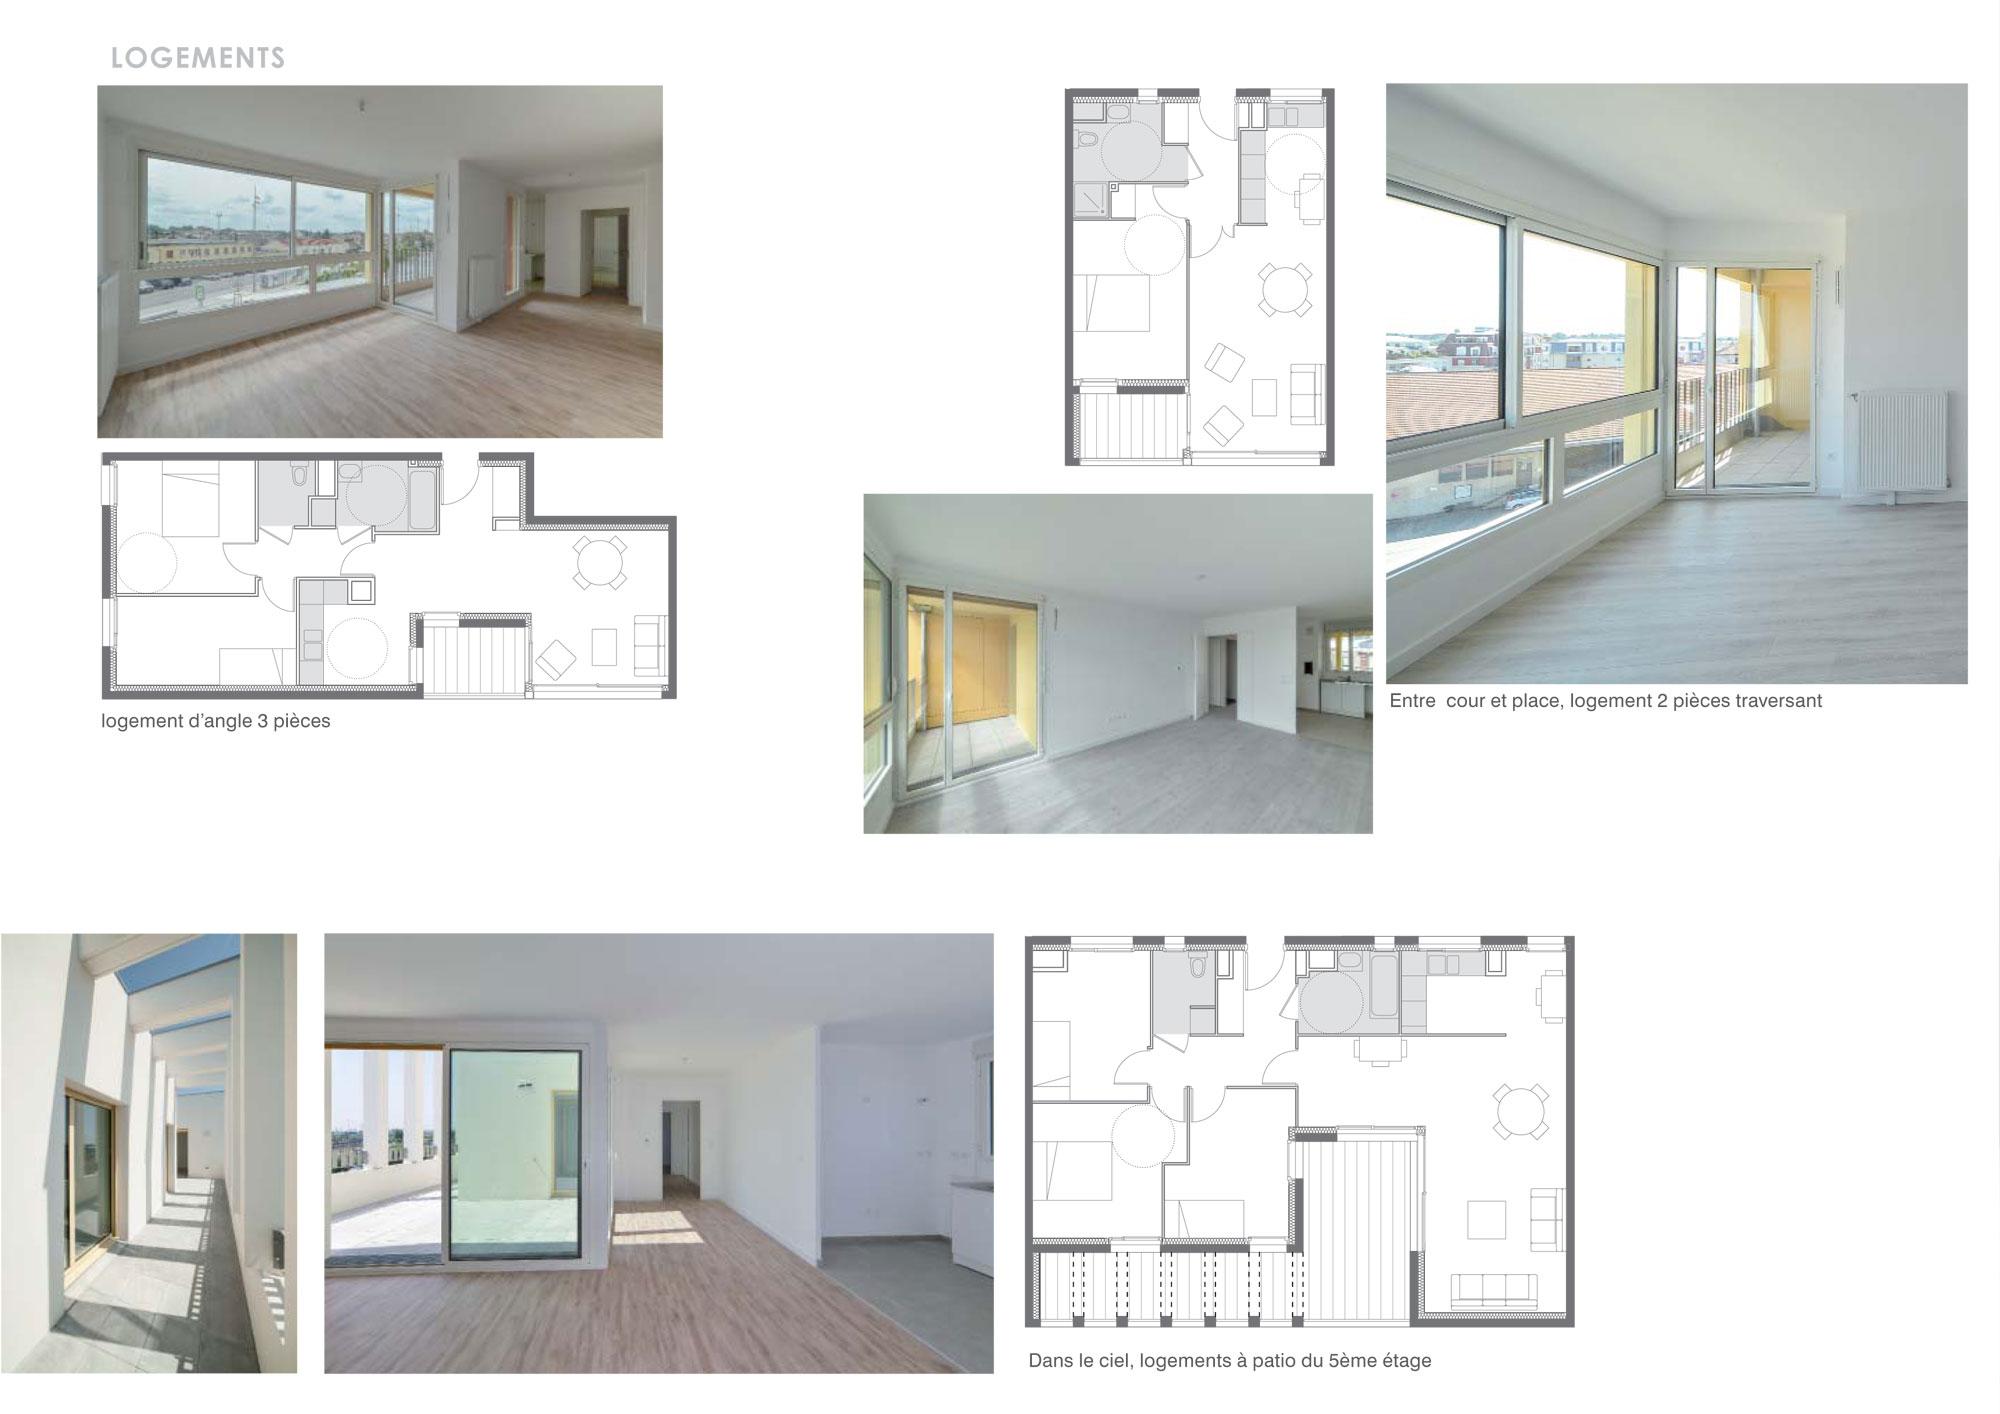 10-jam-SO1-bretigny-logements-interieur-logements